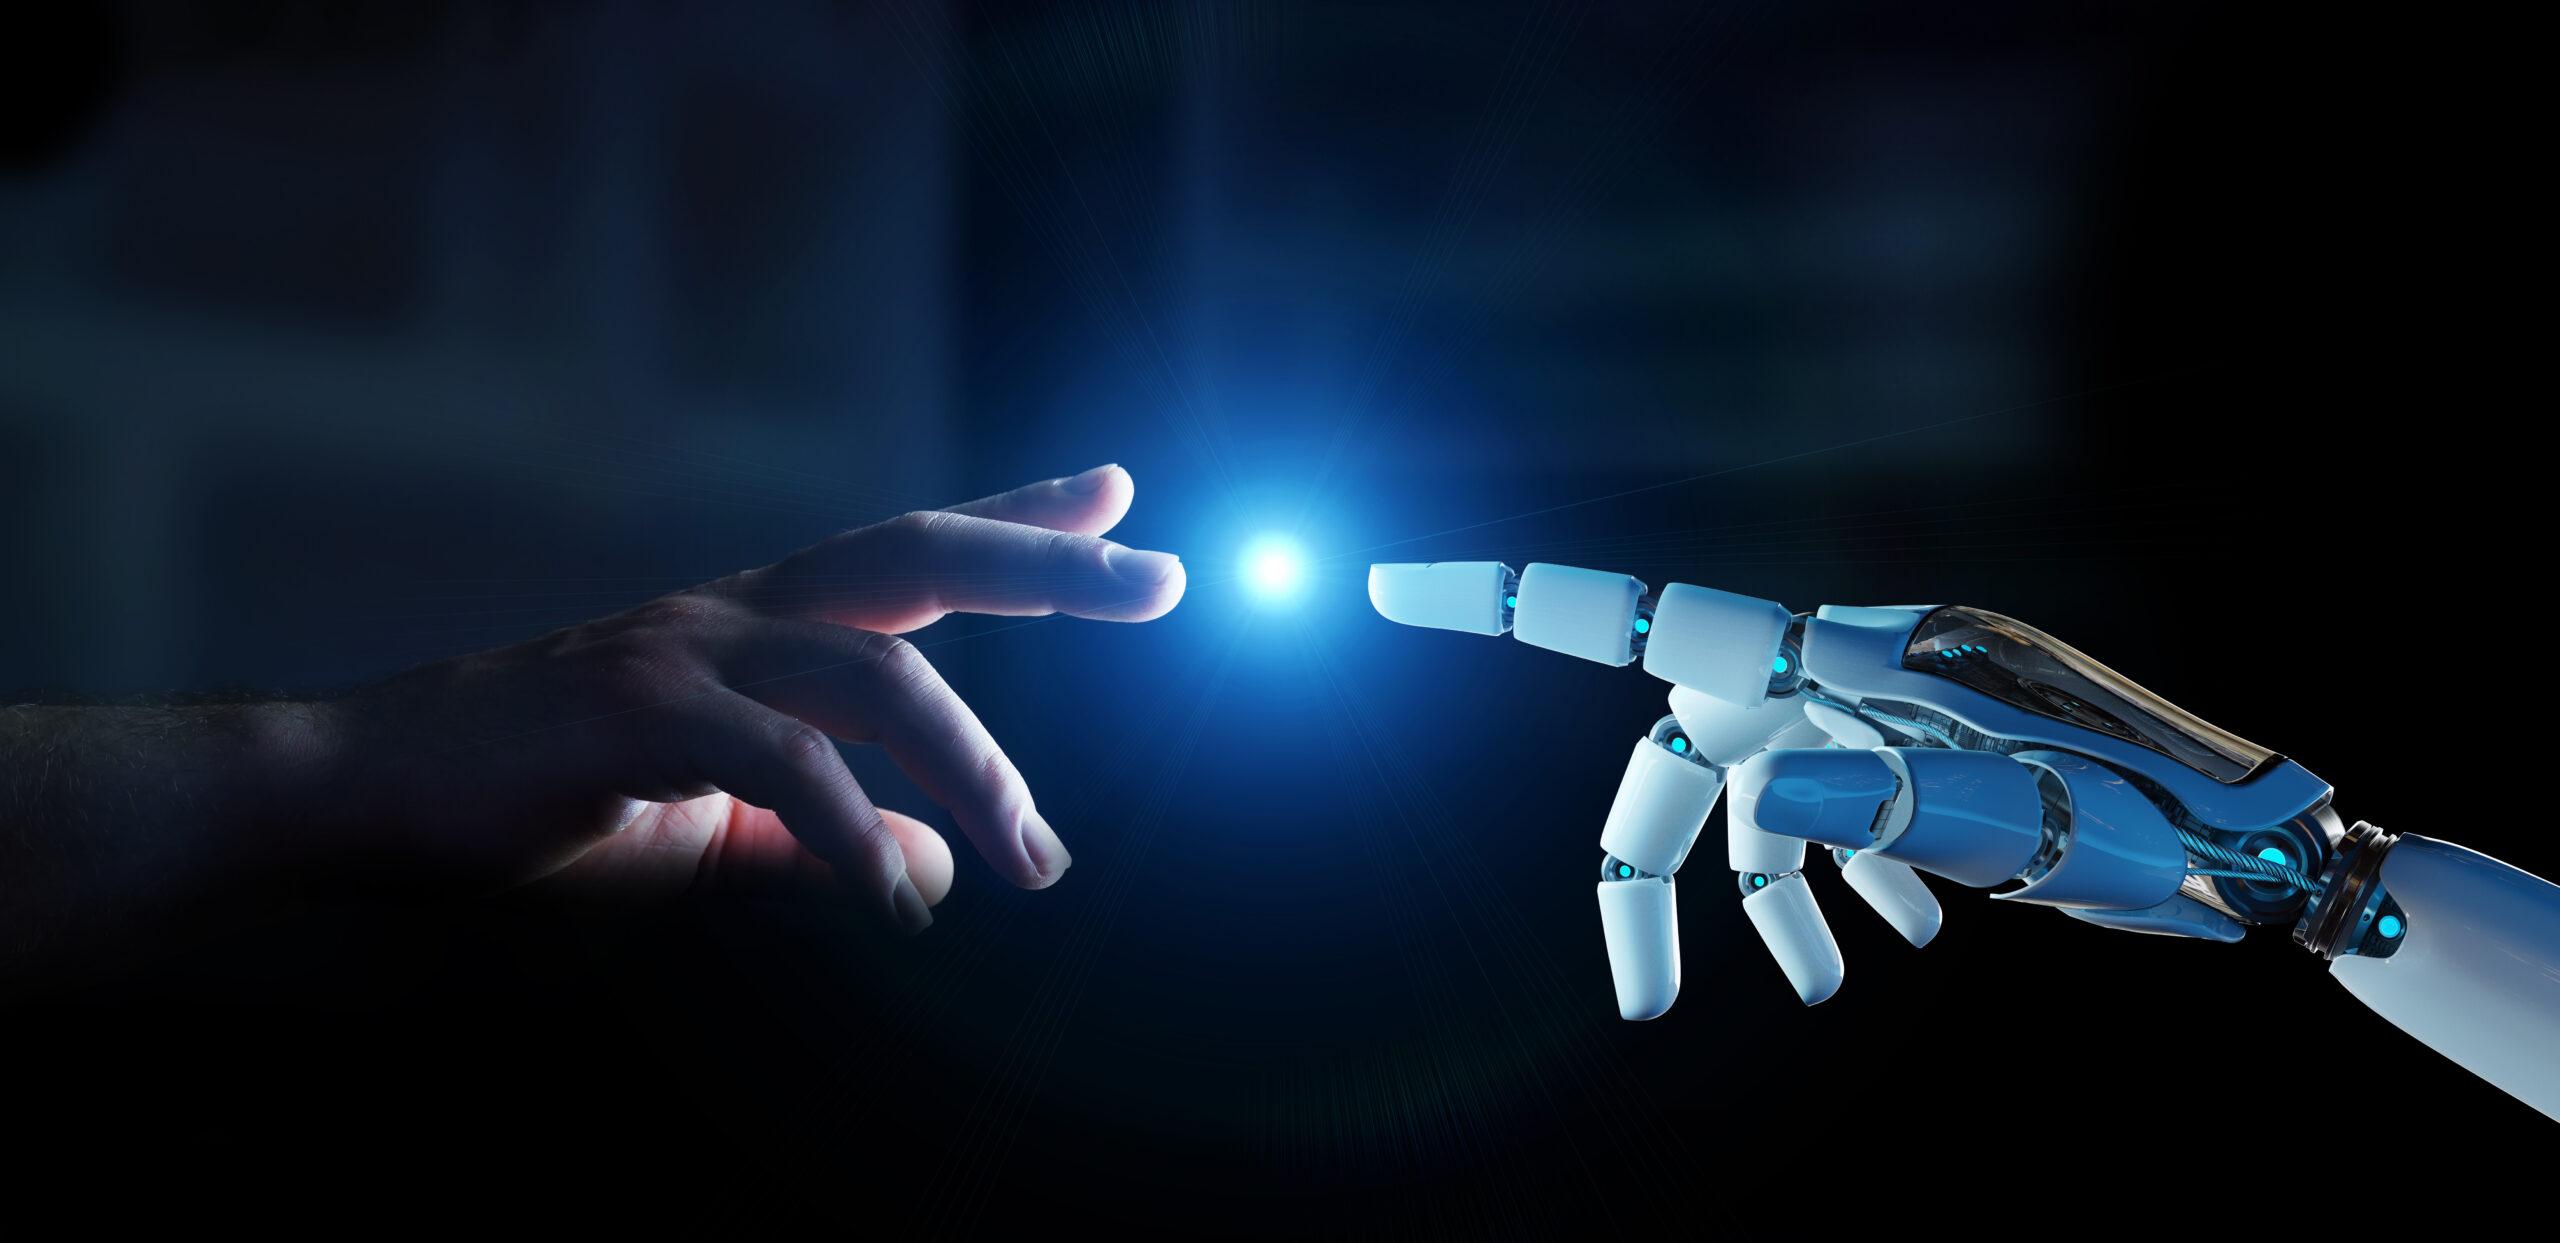 2021年のカスタマーサービス。チャットボット?それとも人間?(2)